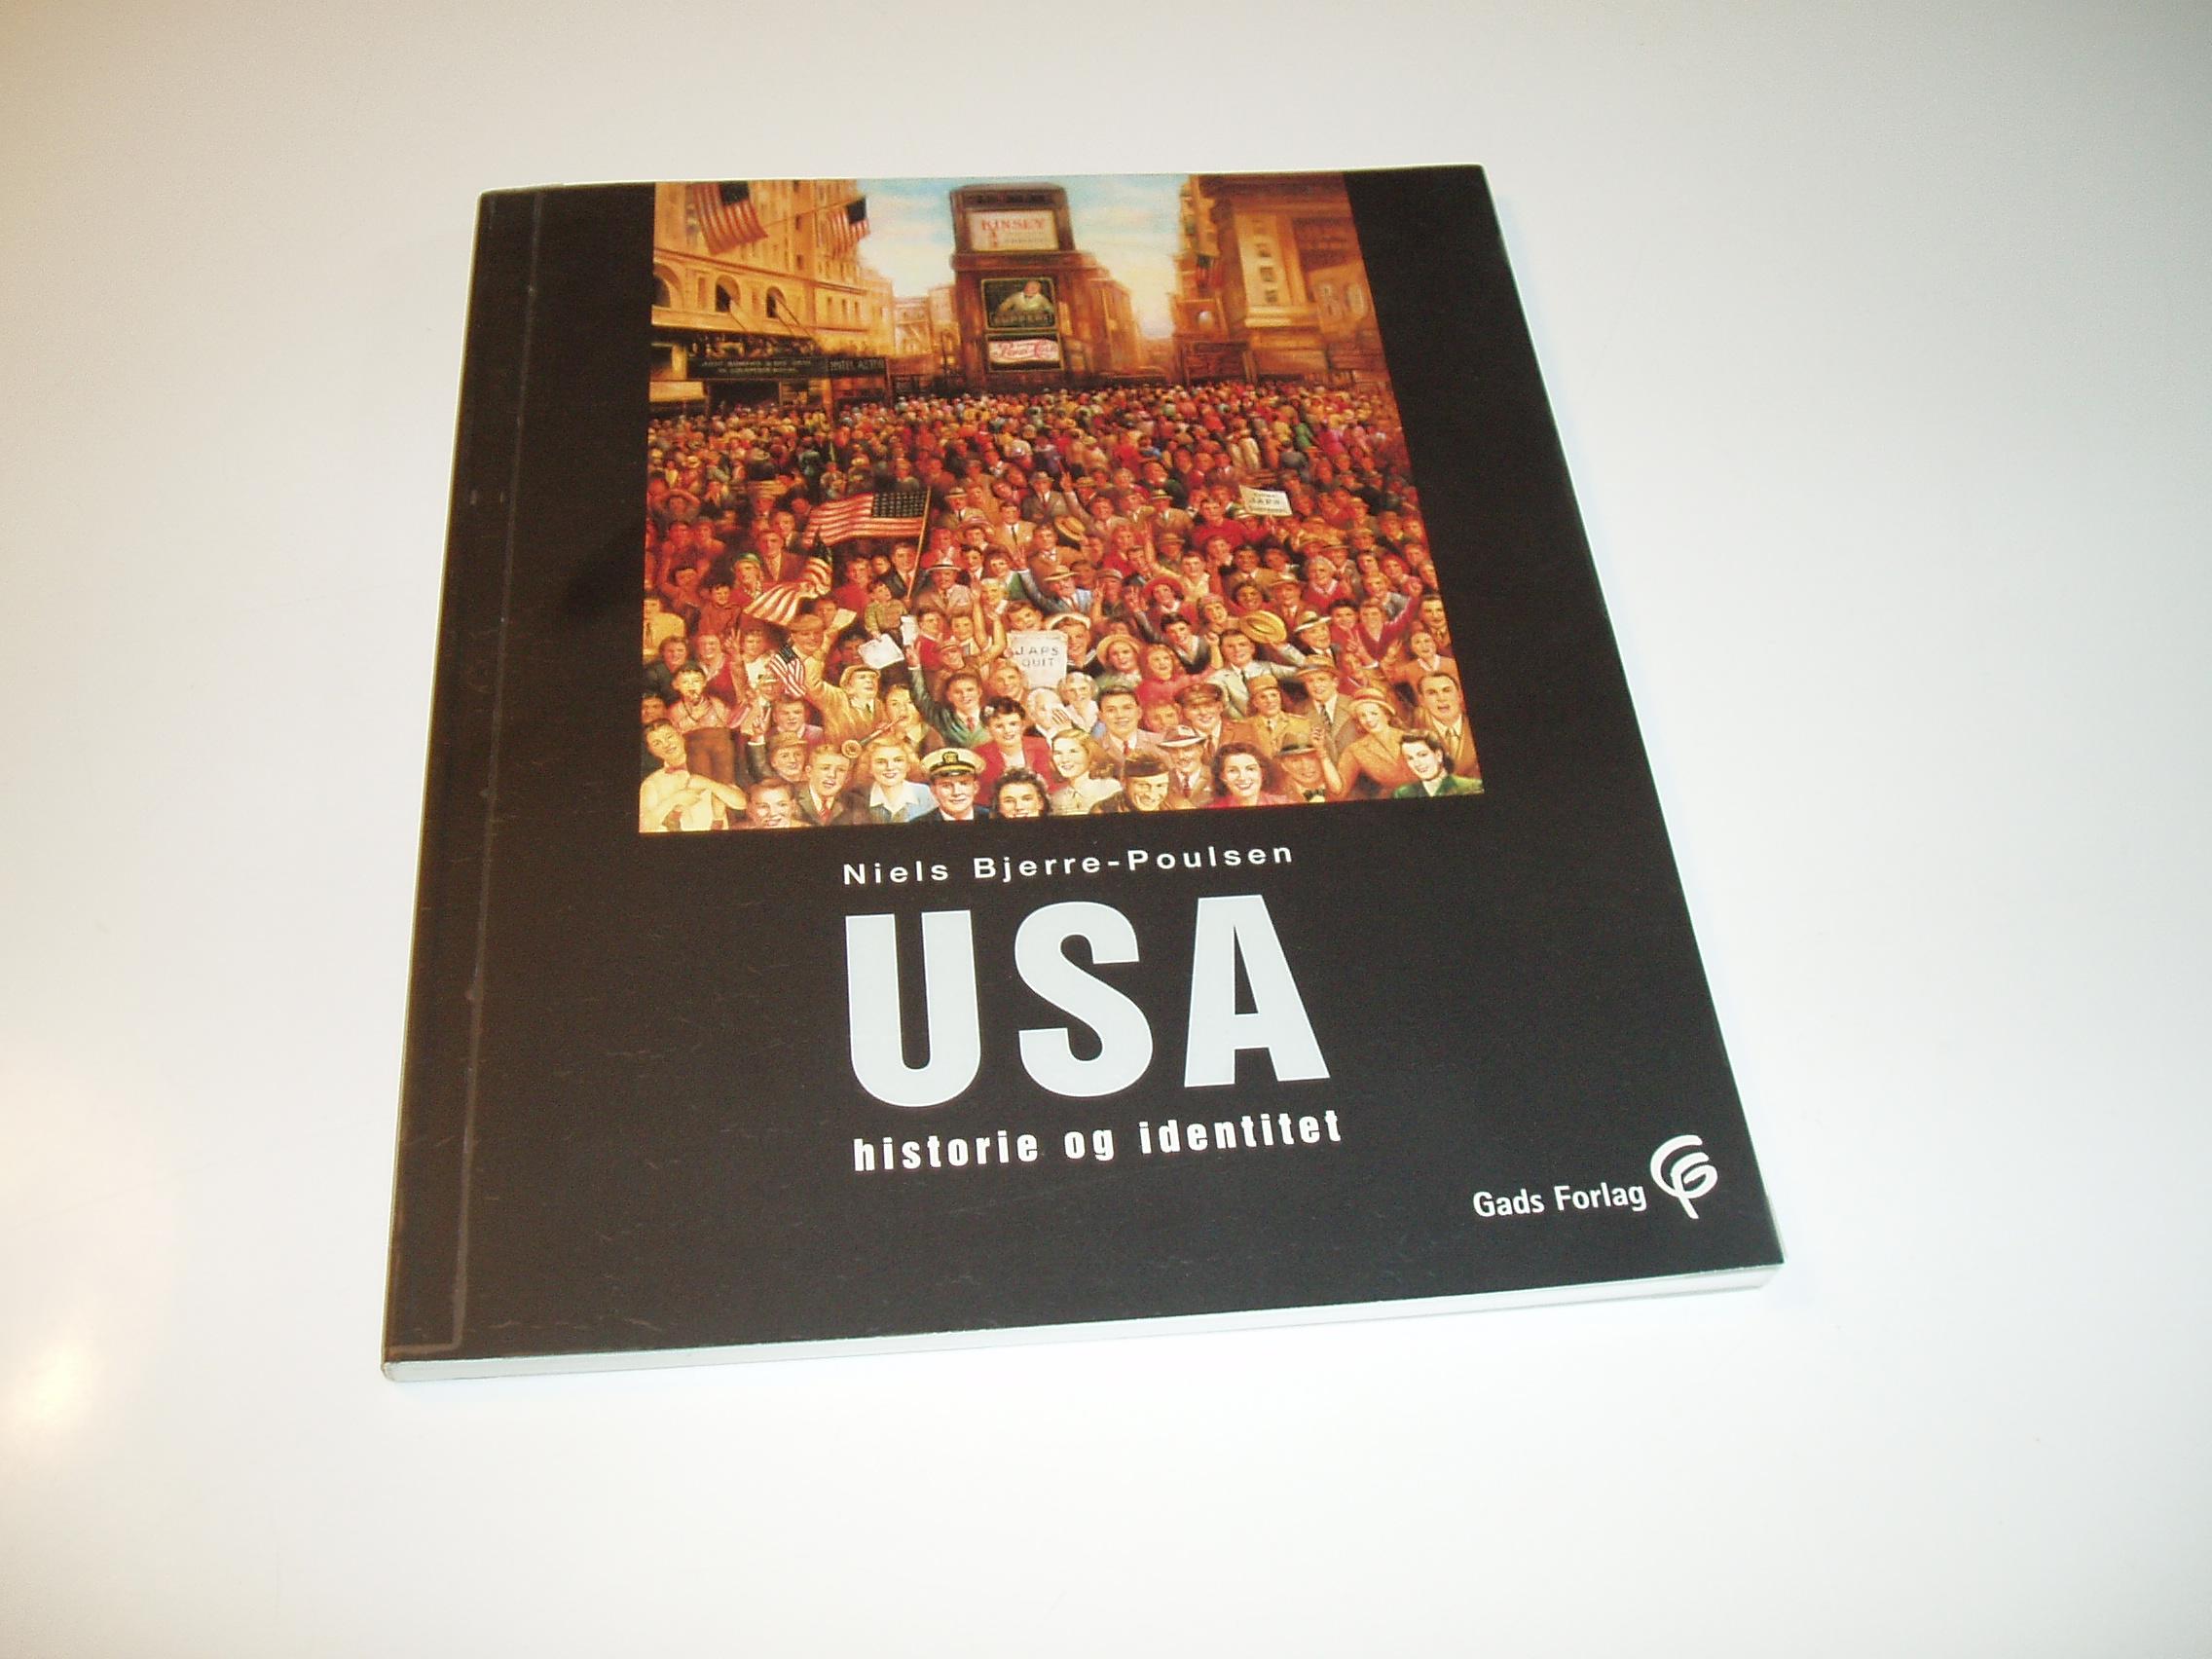 USA. Historie  og identitet